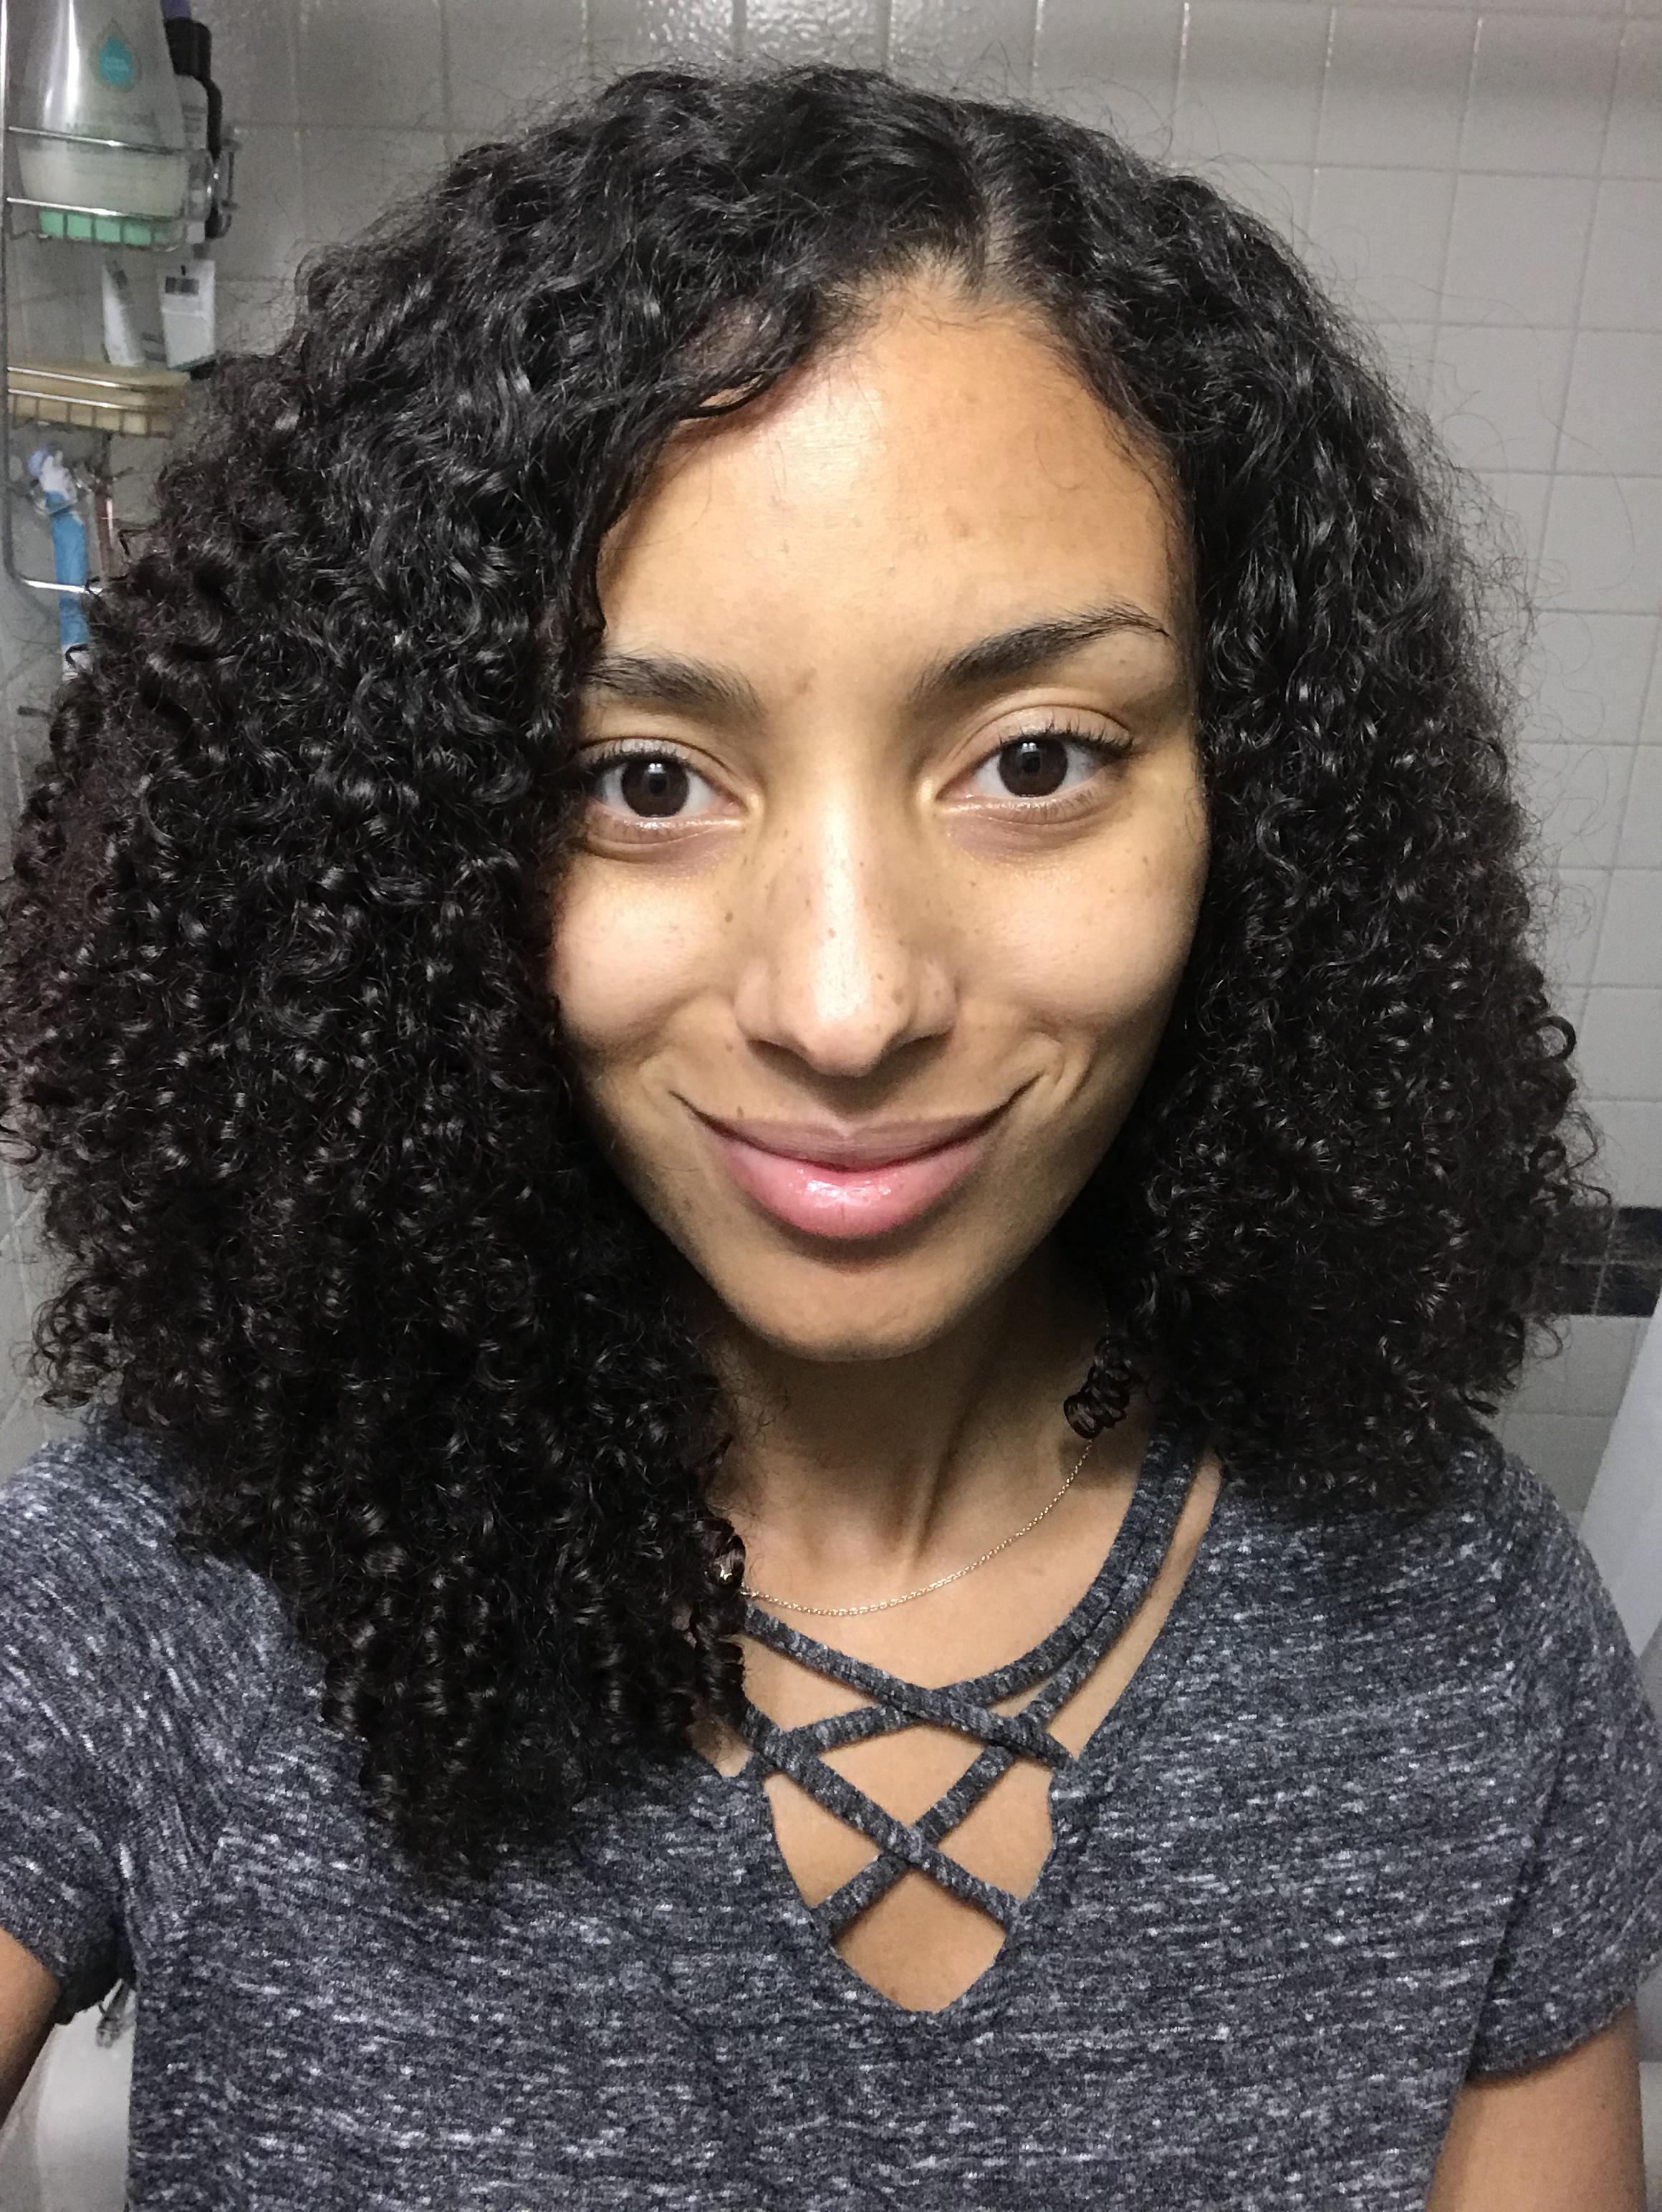 Help Bad Haircut Grow Out Or Cut Shorter Curltalk